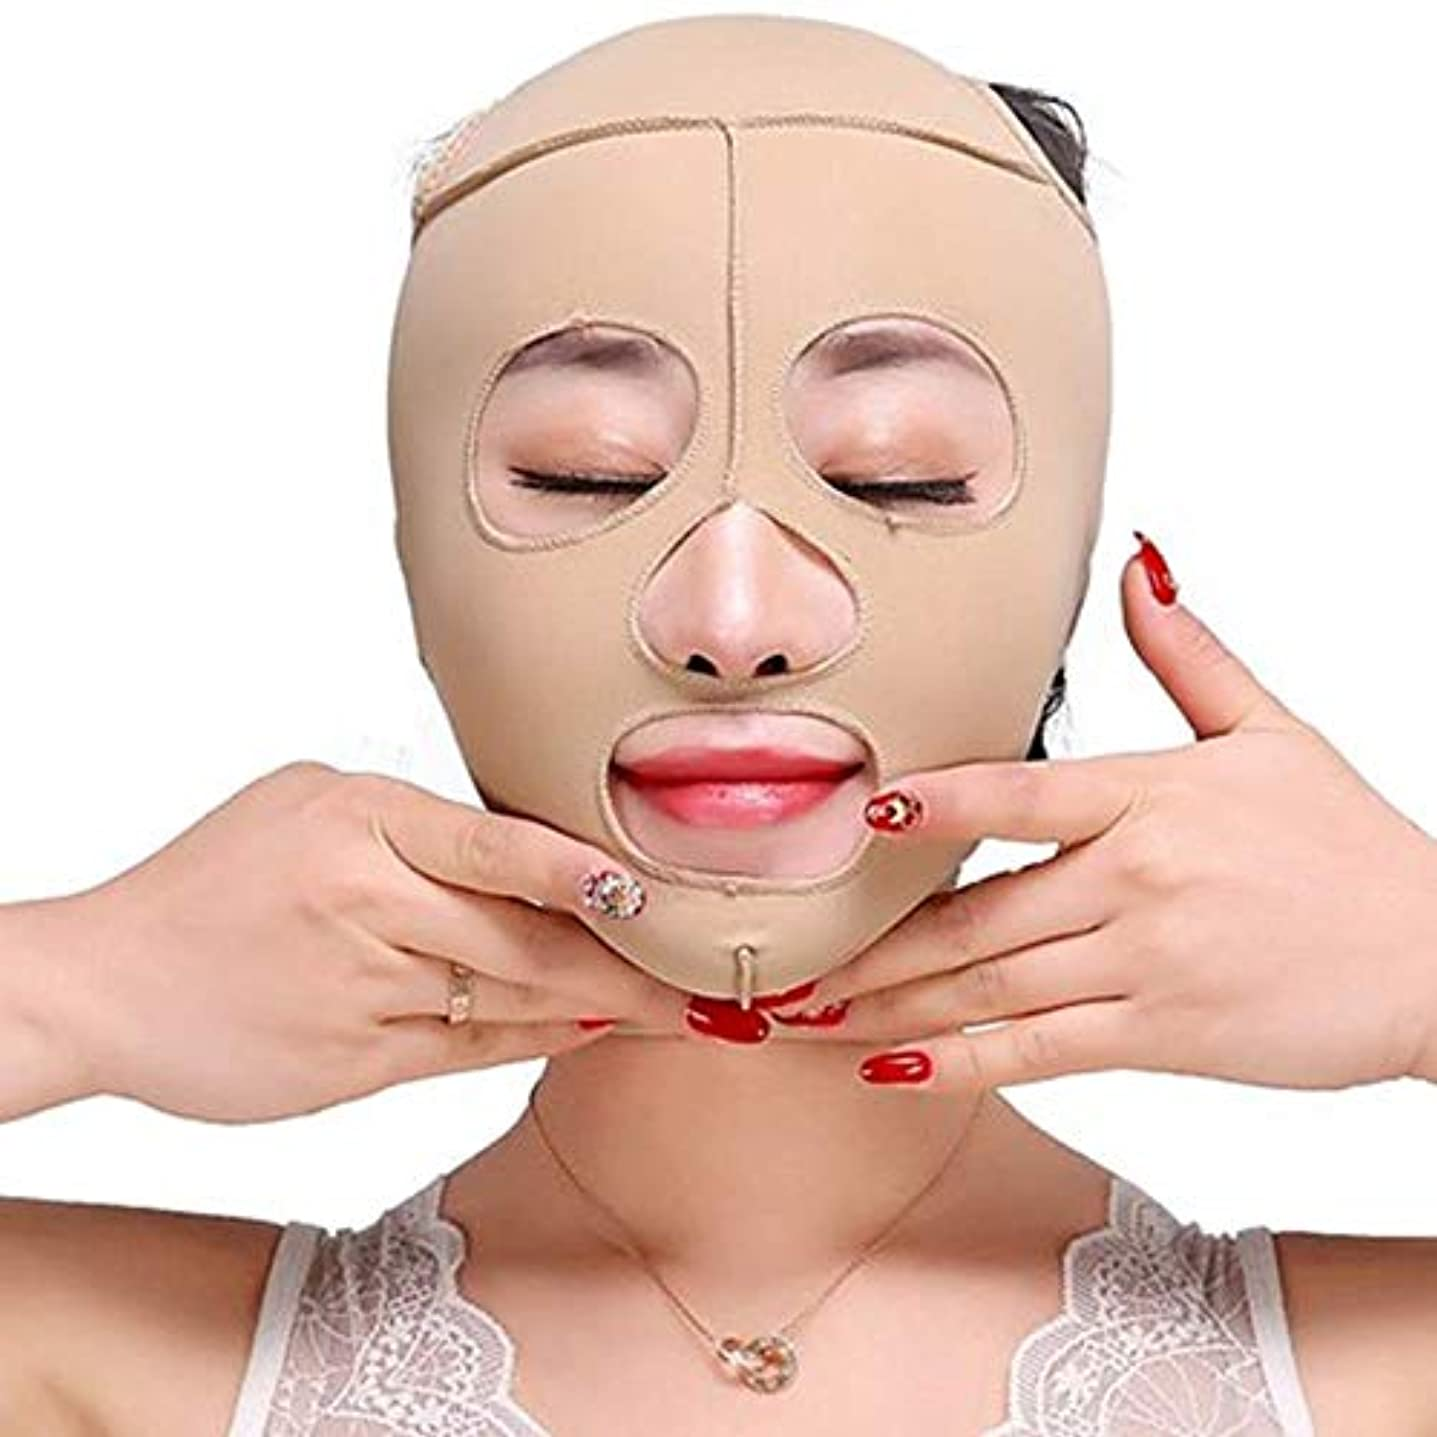 完璧な欠員冷淡なVフェイスマスク、フェイシャルフェイスシンフェイスwithダブルチンシンフェイスバンデージ(サイズ:S)